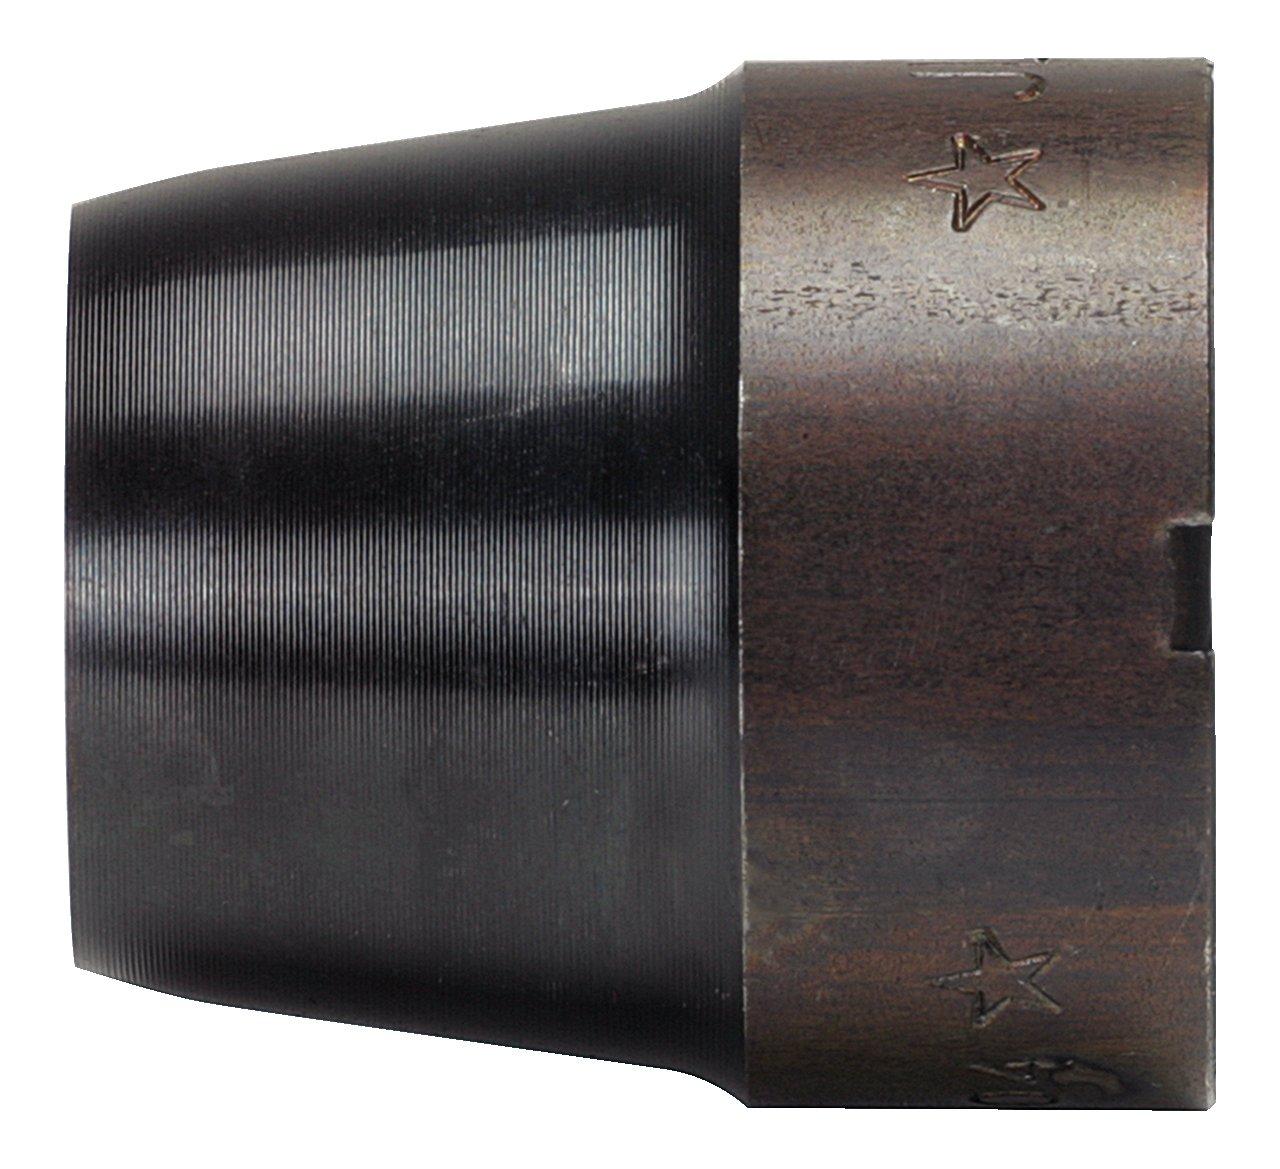 KS Tools 129.0114 Ring-Stanzeisen mit Spanndornaufnahme, Ø 14mm KS-Tools Werkzeuge-Maschine 4042146156506